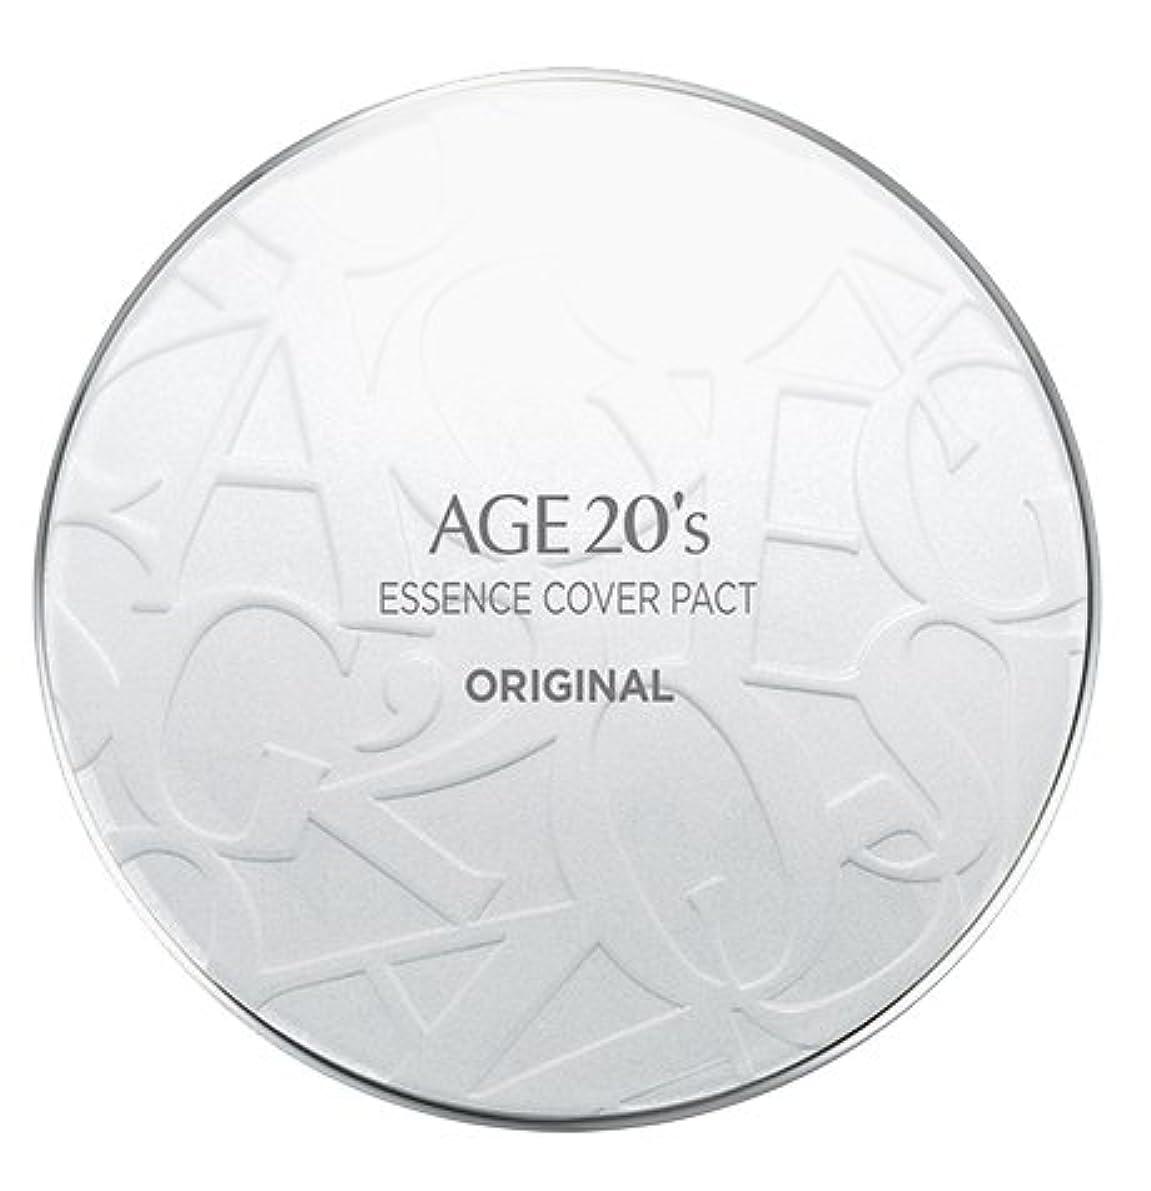 一過性浮浪者花瓶AGE 20's Essence Cover Pact Original [White Latte] 12.5g + Refill 12.5g (#21)/エイジ 20's エッセンス カバー パクト オリジナル [ホワイトラテ...